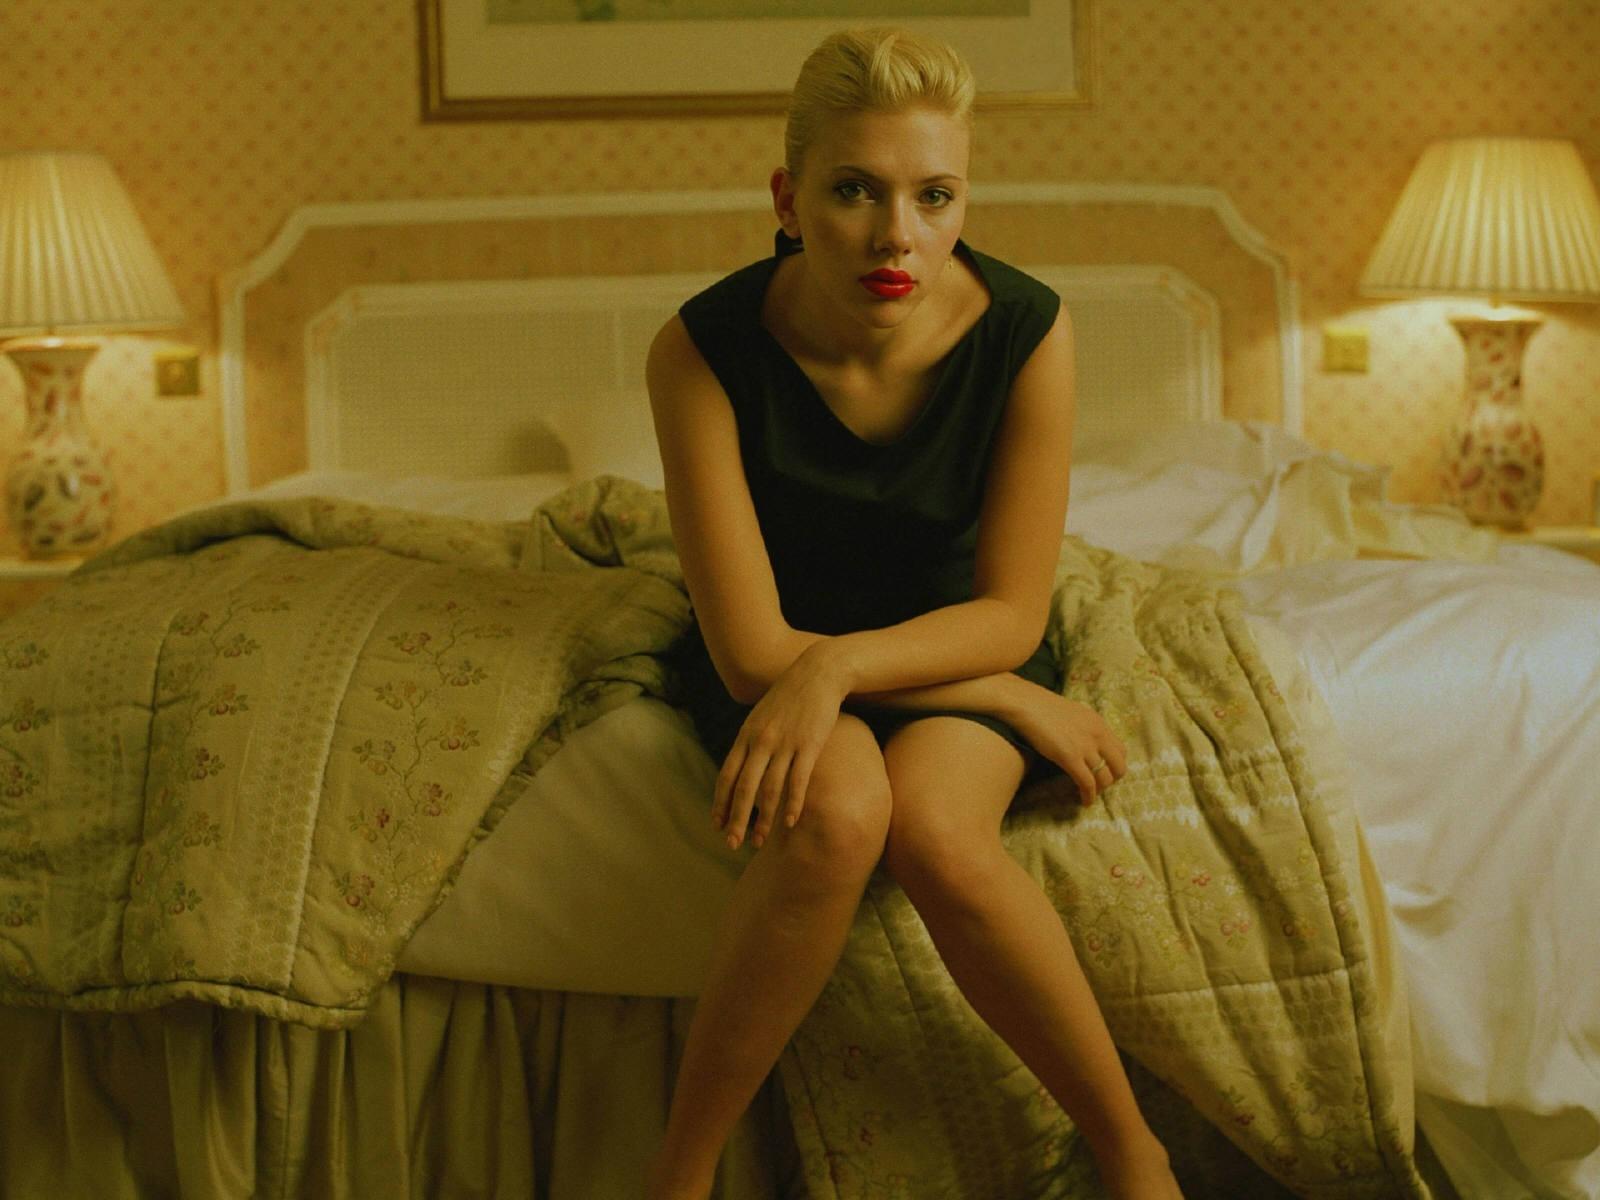 Un wallpaper dell'attrice Scarlett Johansson